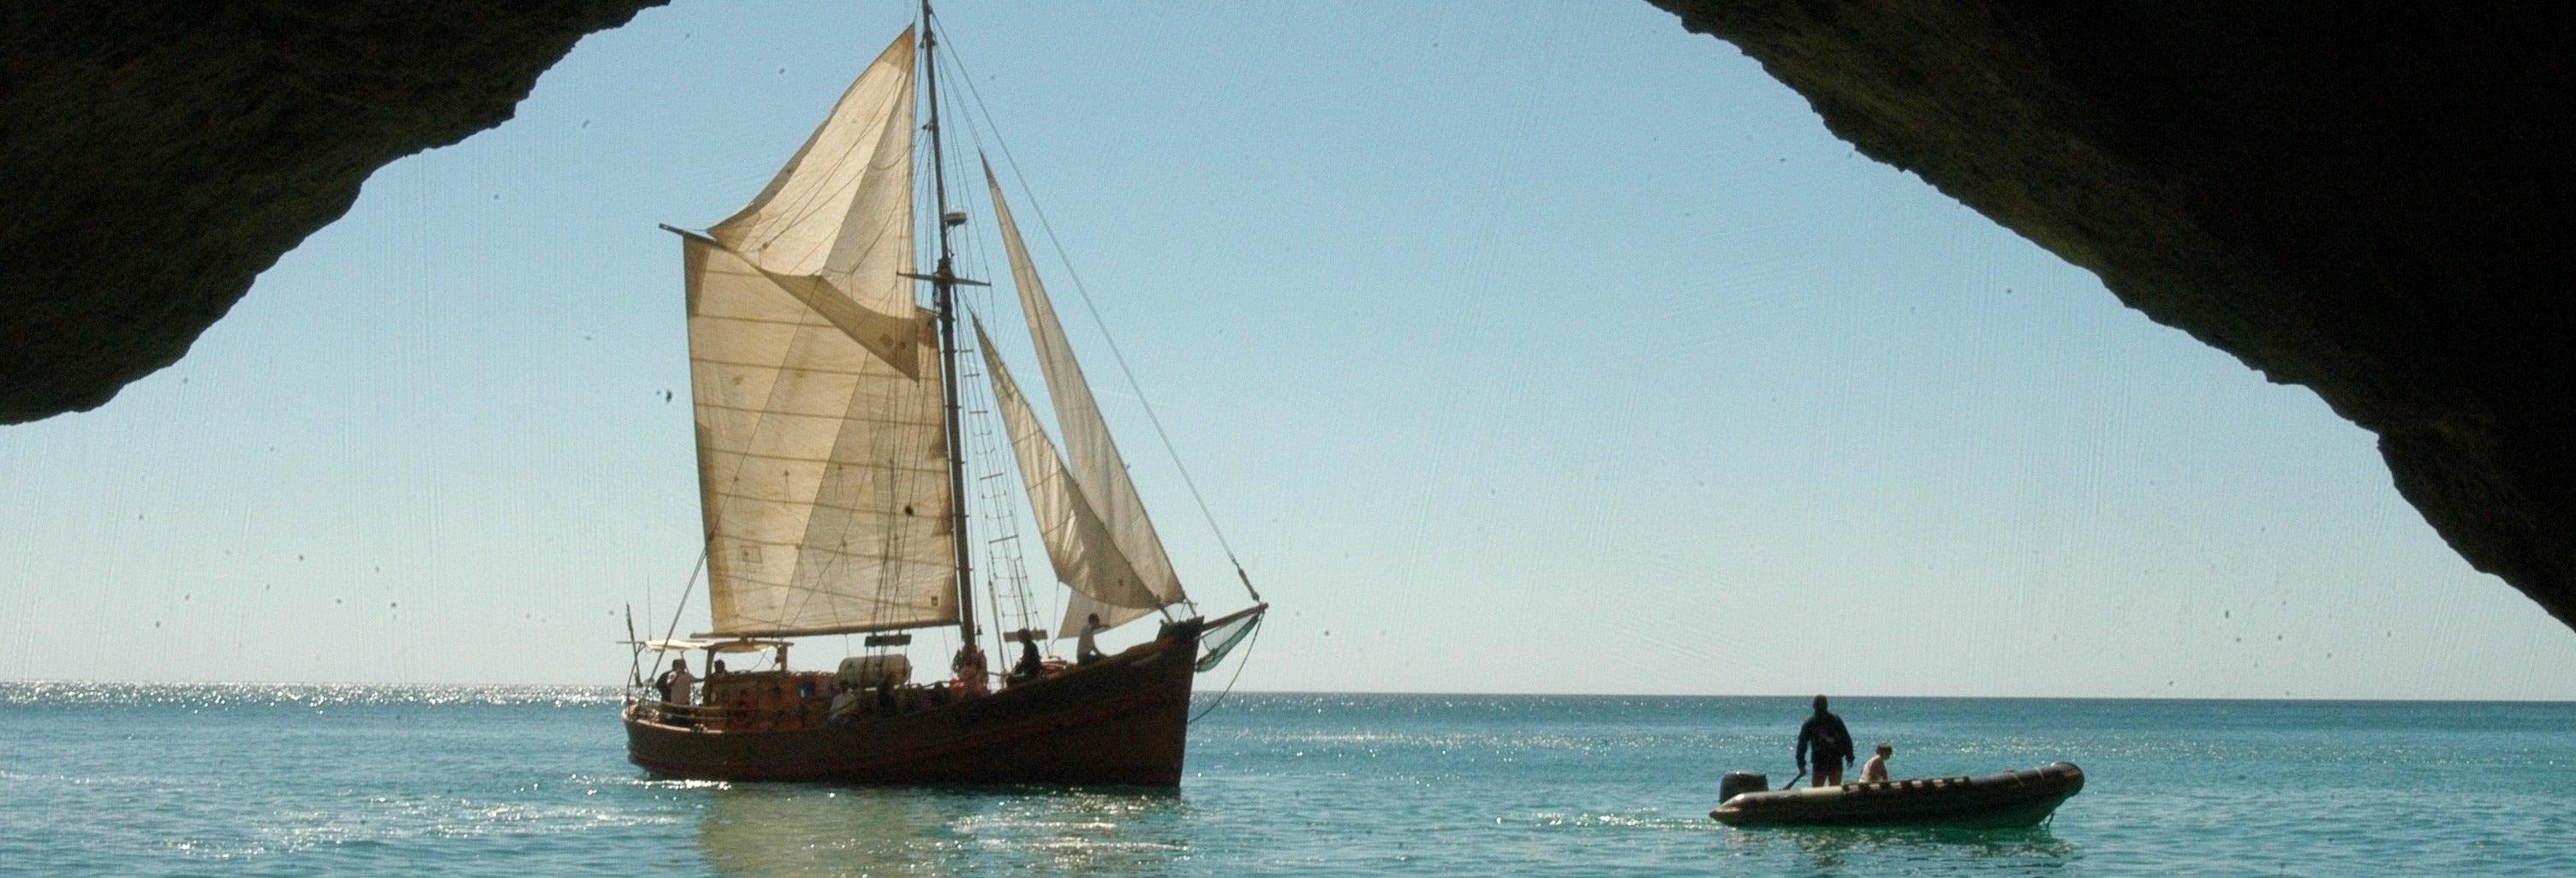 Passeio pelas grutas do Algarve de barco pirata